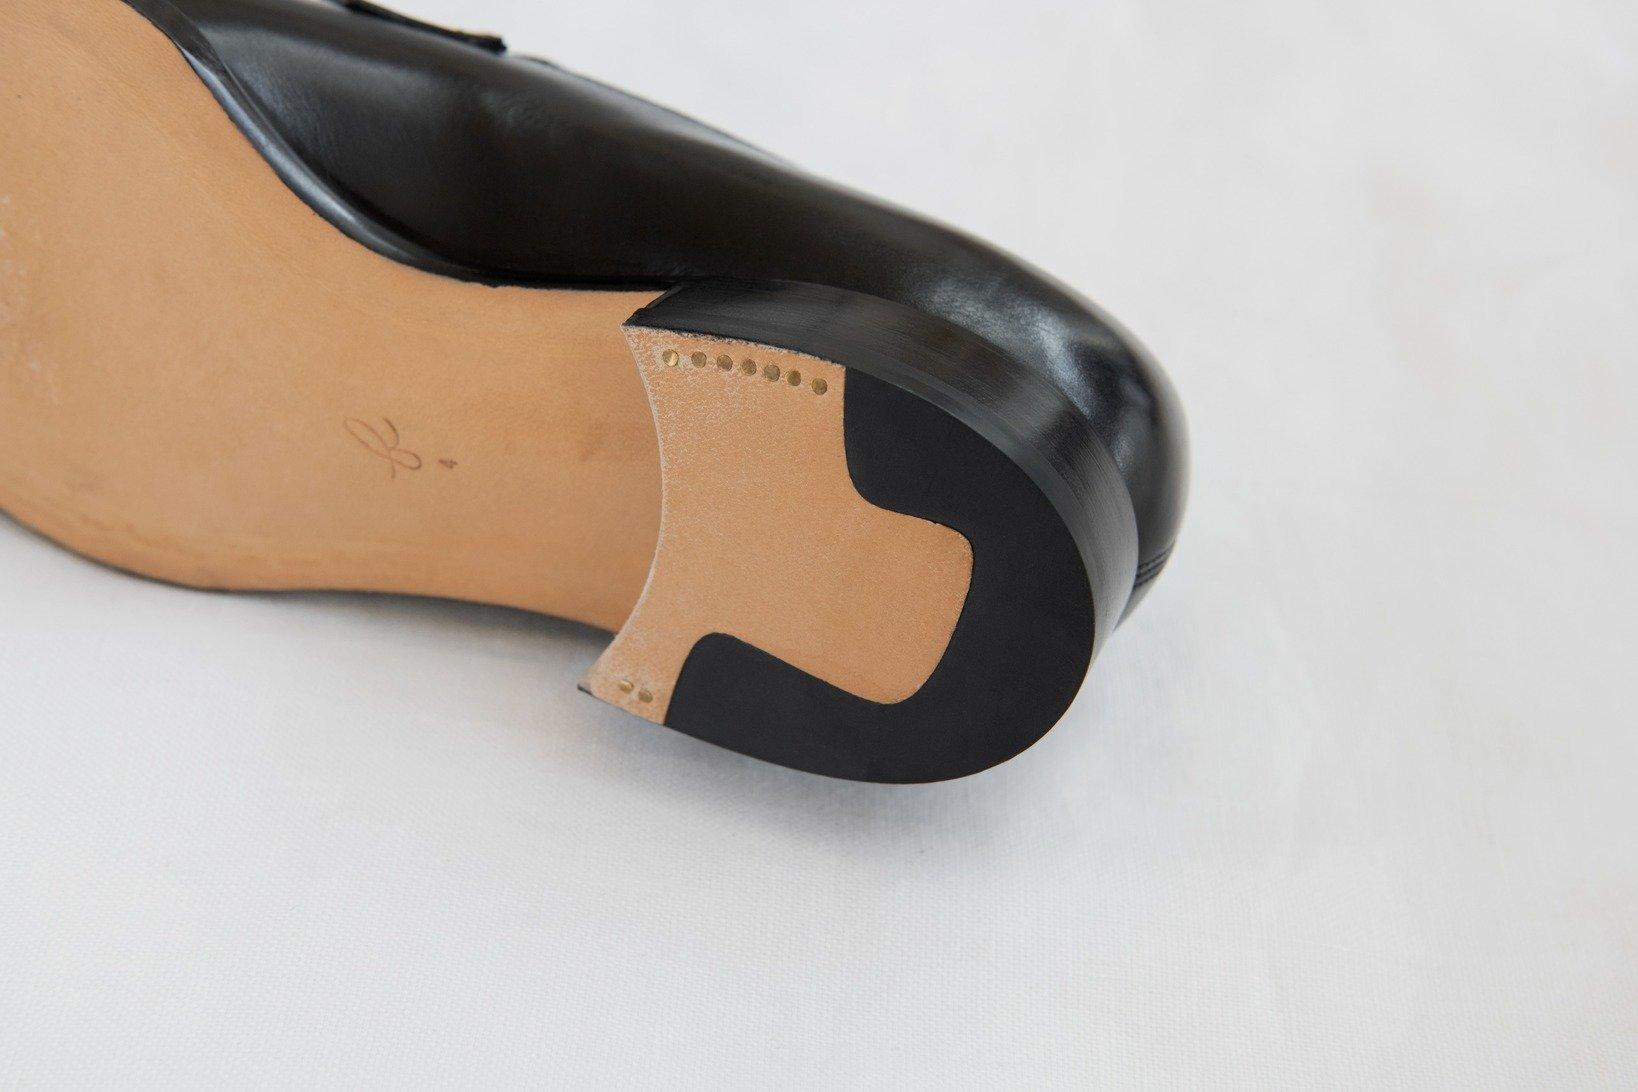 ヒールリフトのゴムの形状や釘打ちの細かさも、このブランドらしい徹底した美意識を象徴する。